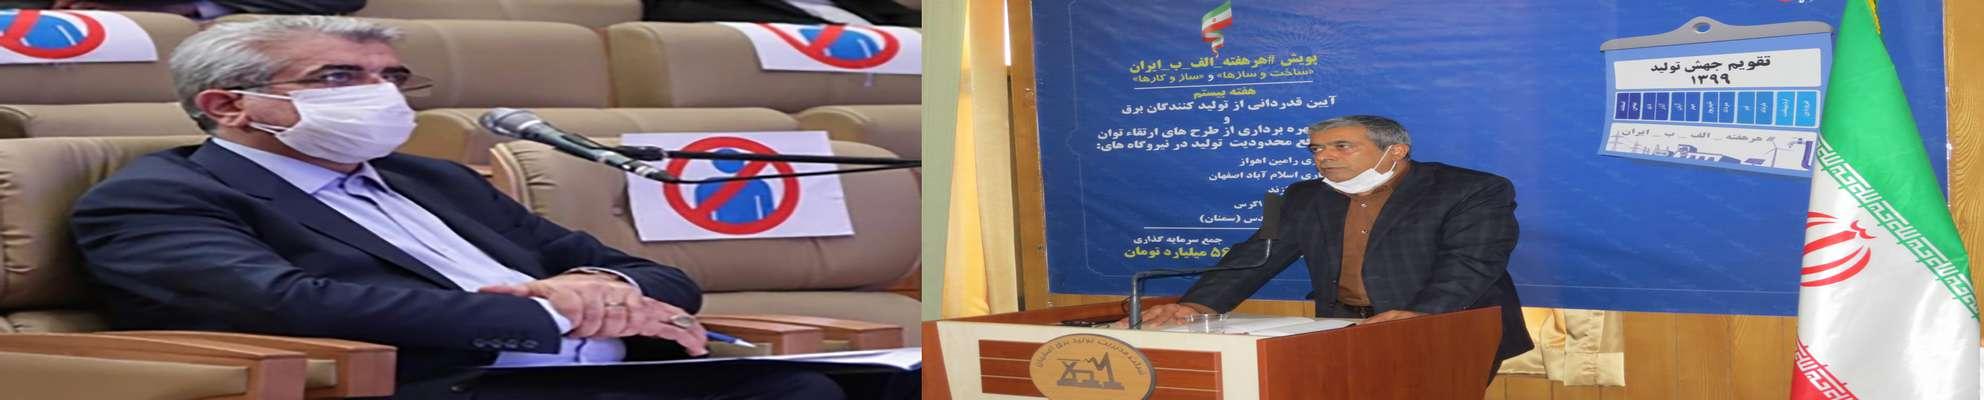 تقدیر وزیر نیرو از رفع محدودیت تولید برق در نیروگاه اصفهان